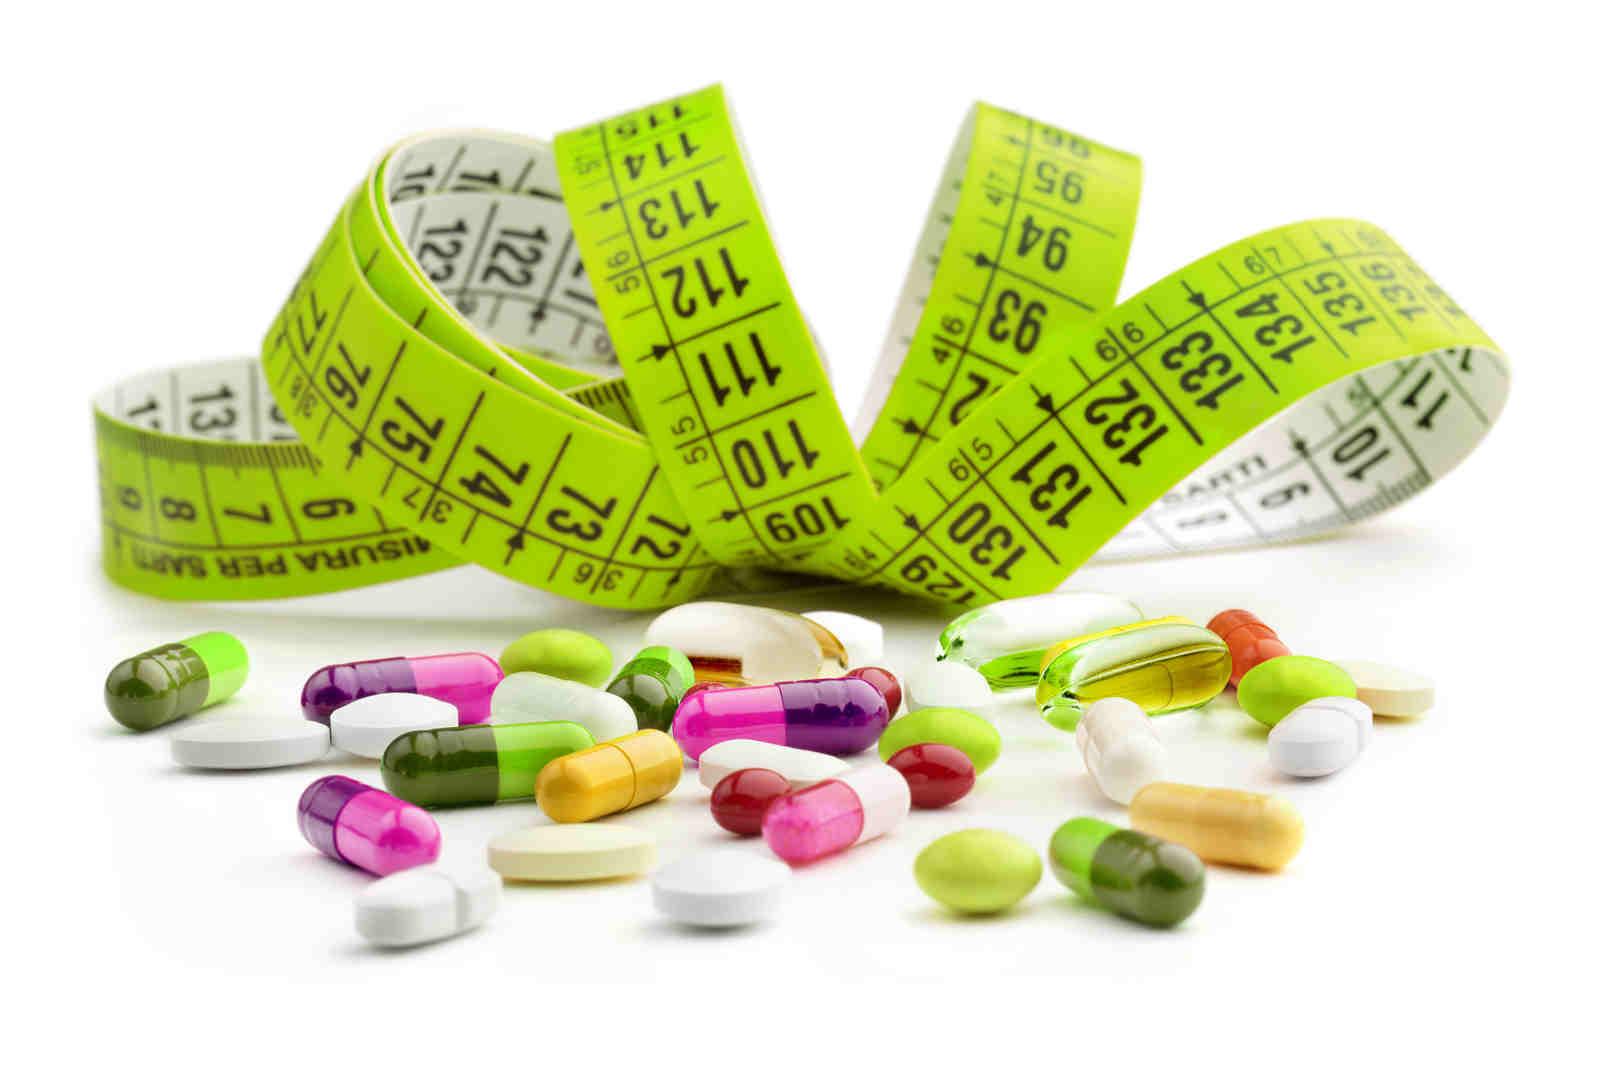 Diétás étrend vs fogyókúrás tabletta - jopatikus.hu